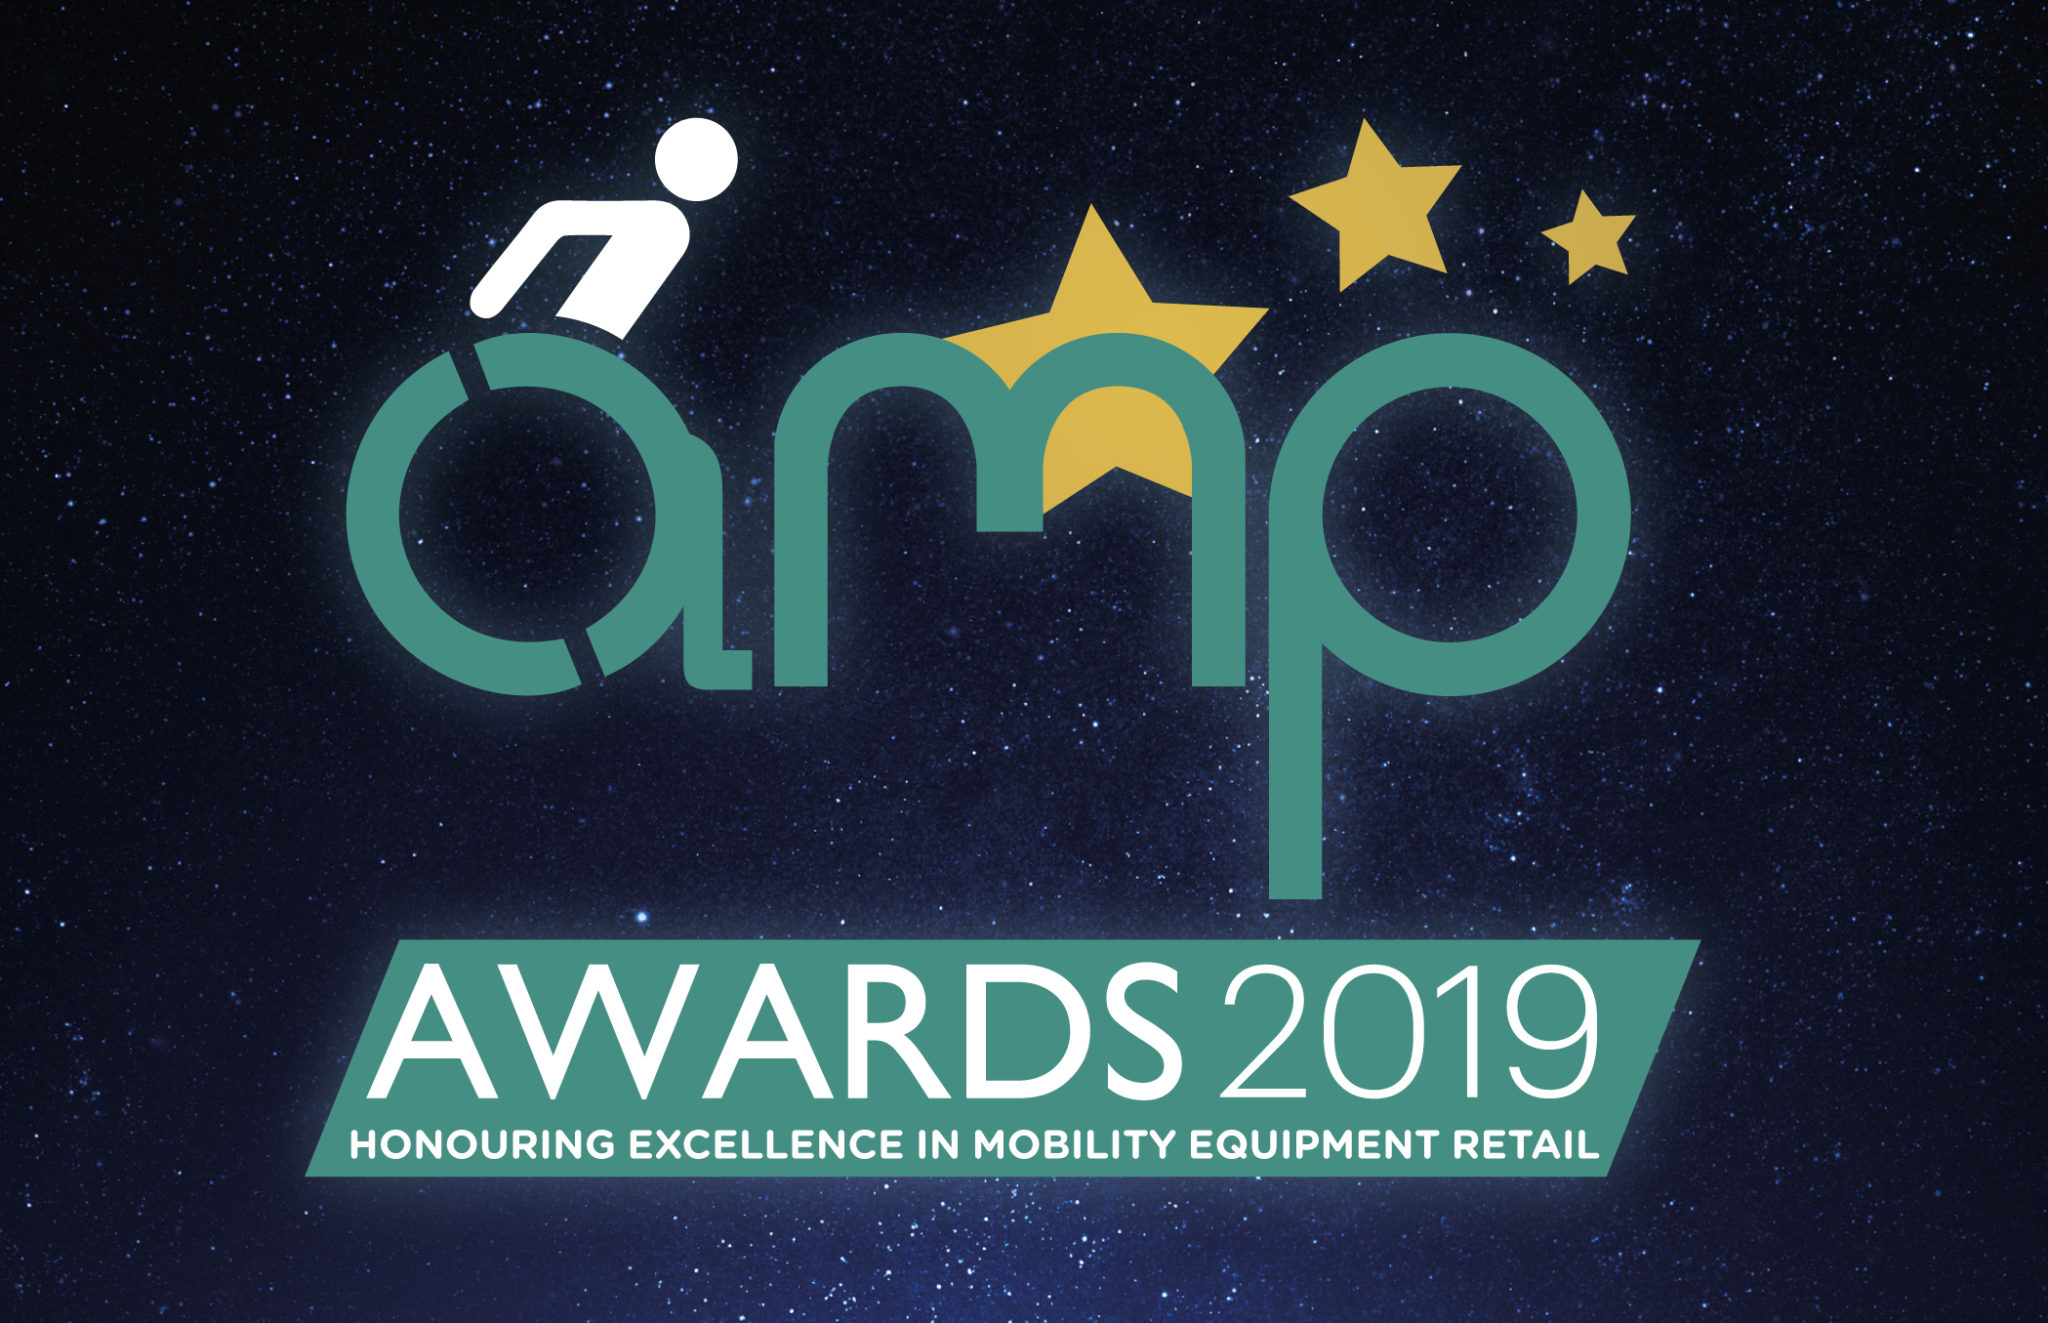 amp awards 2019 filler logo